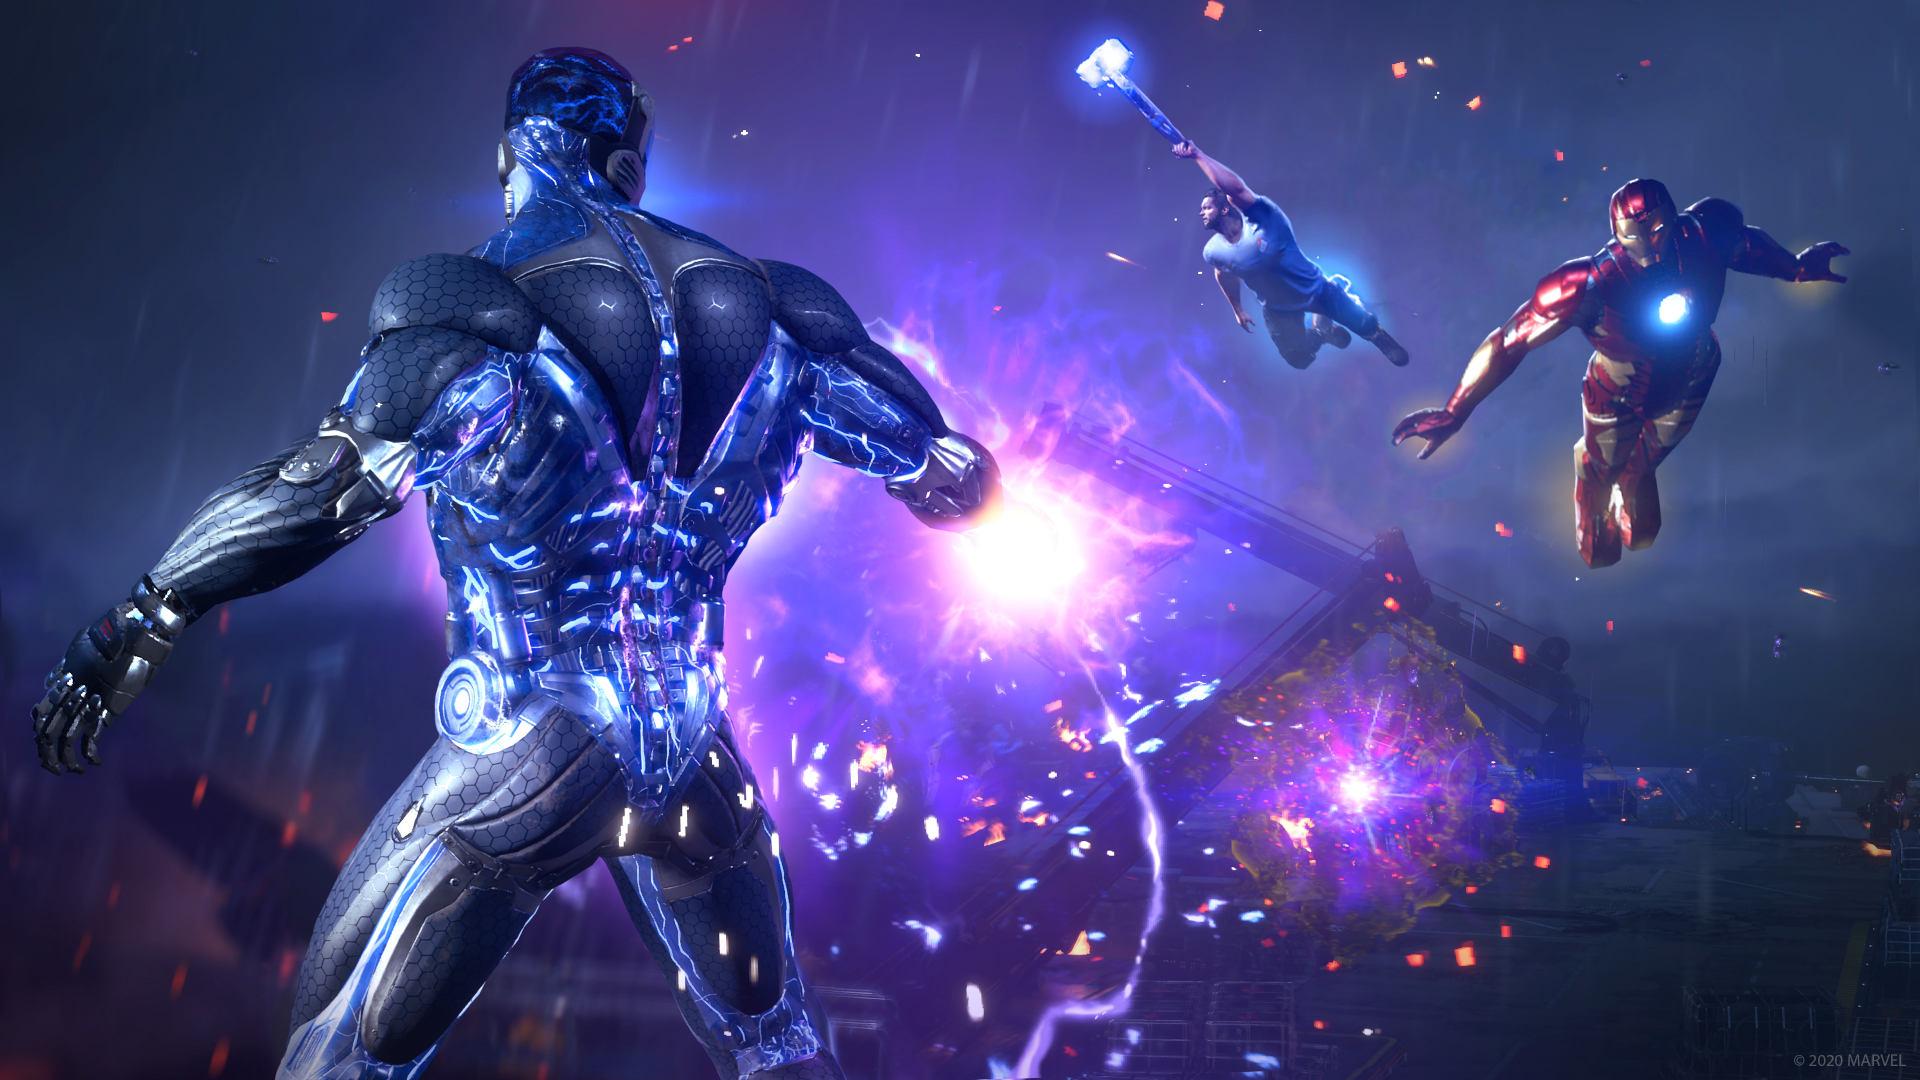 Marvels Avengers image 8